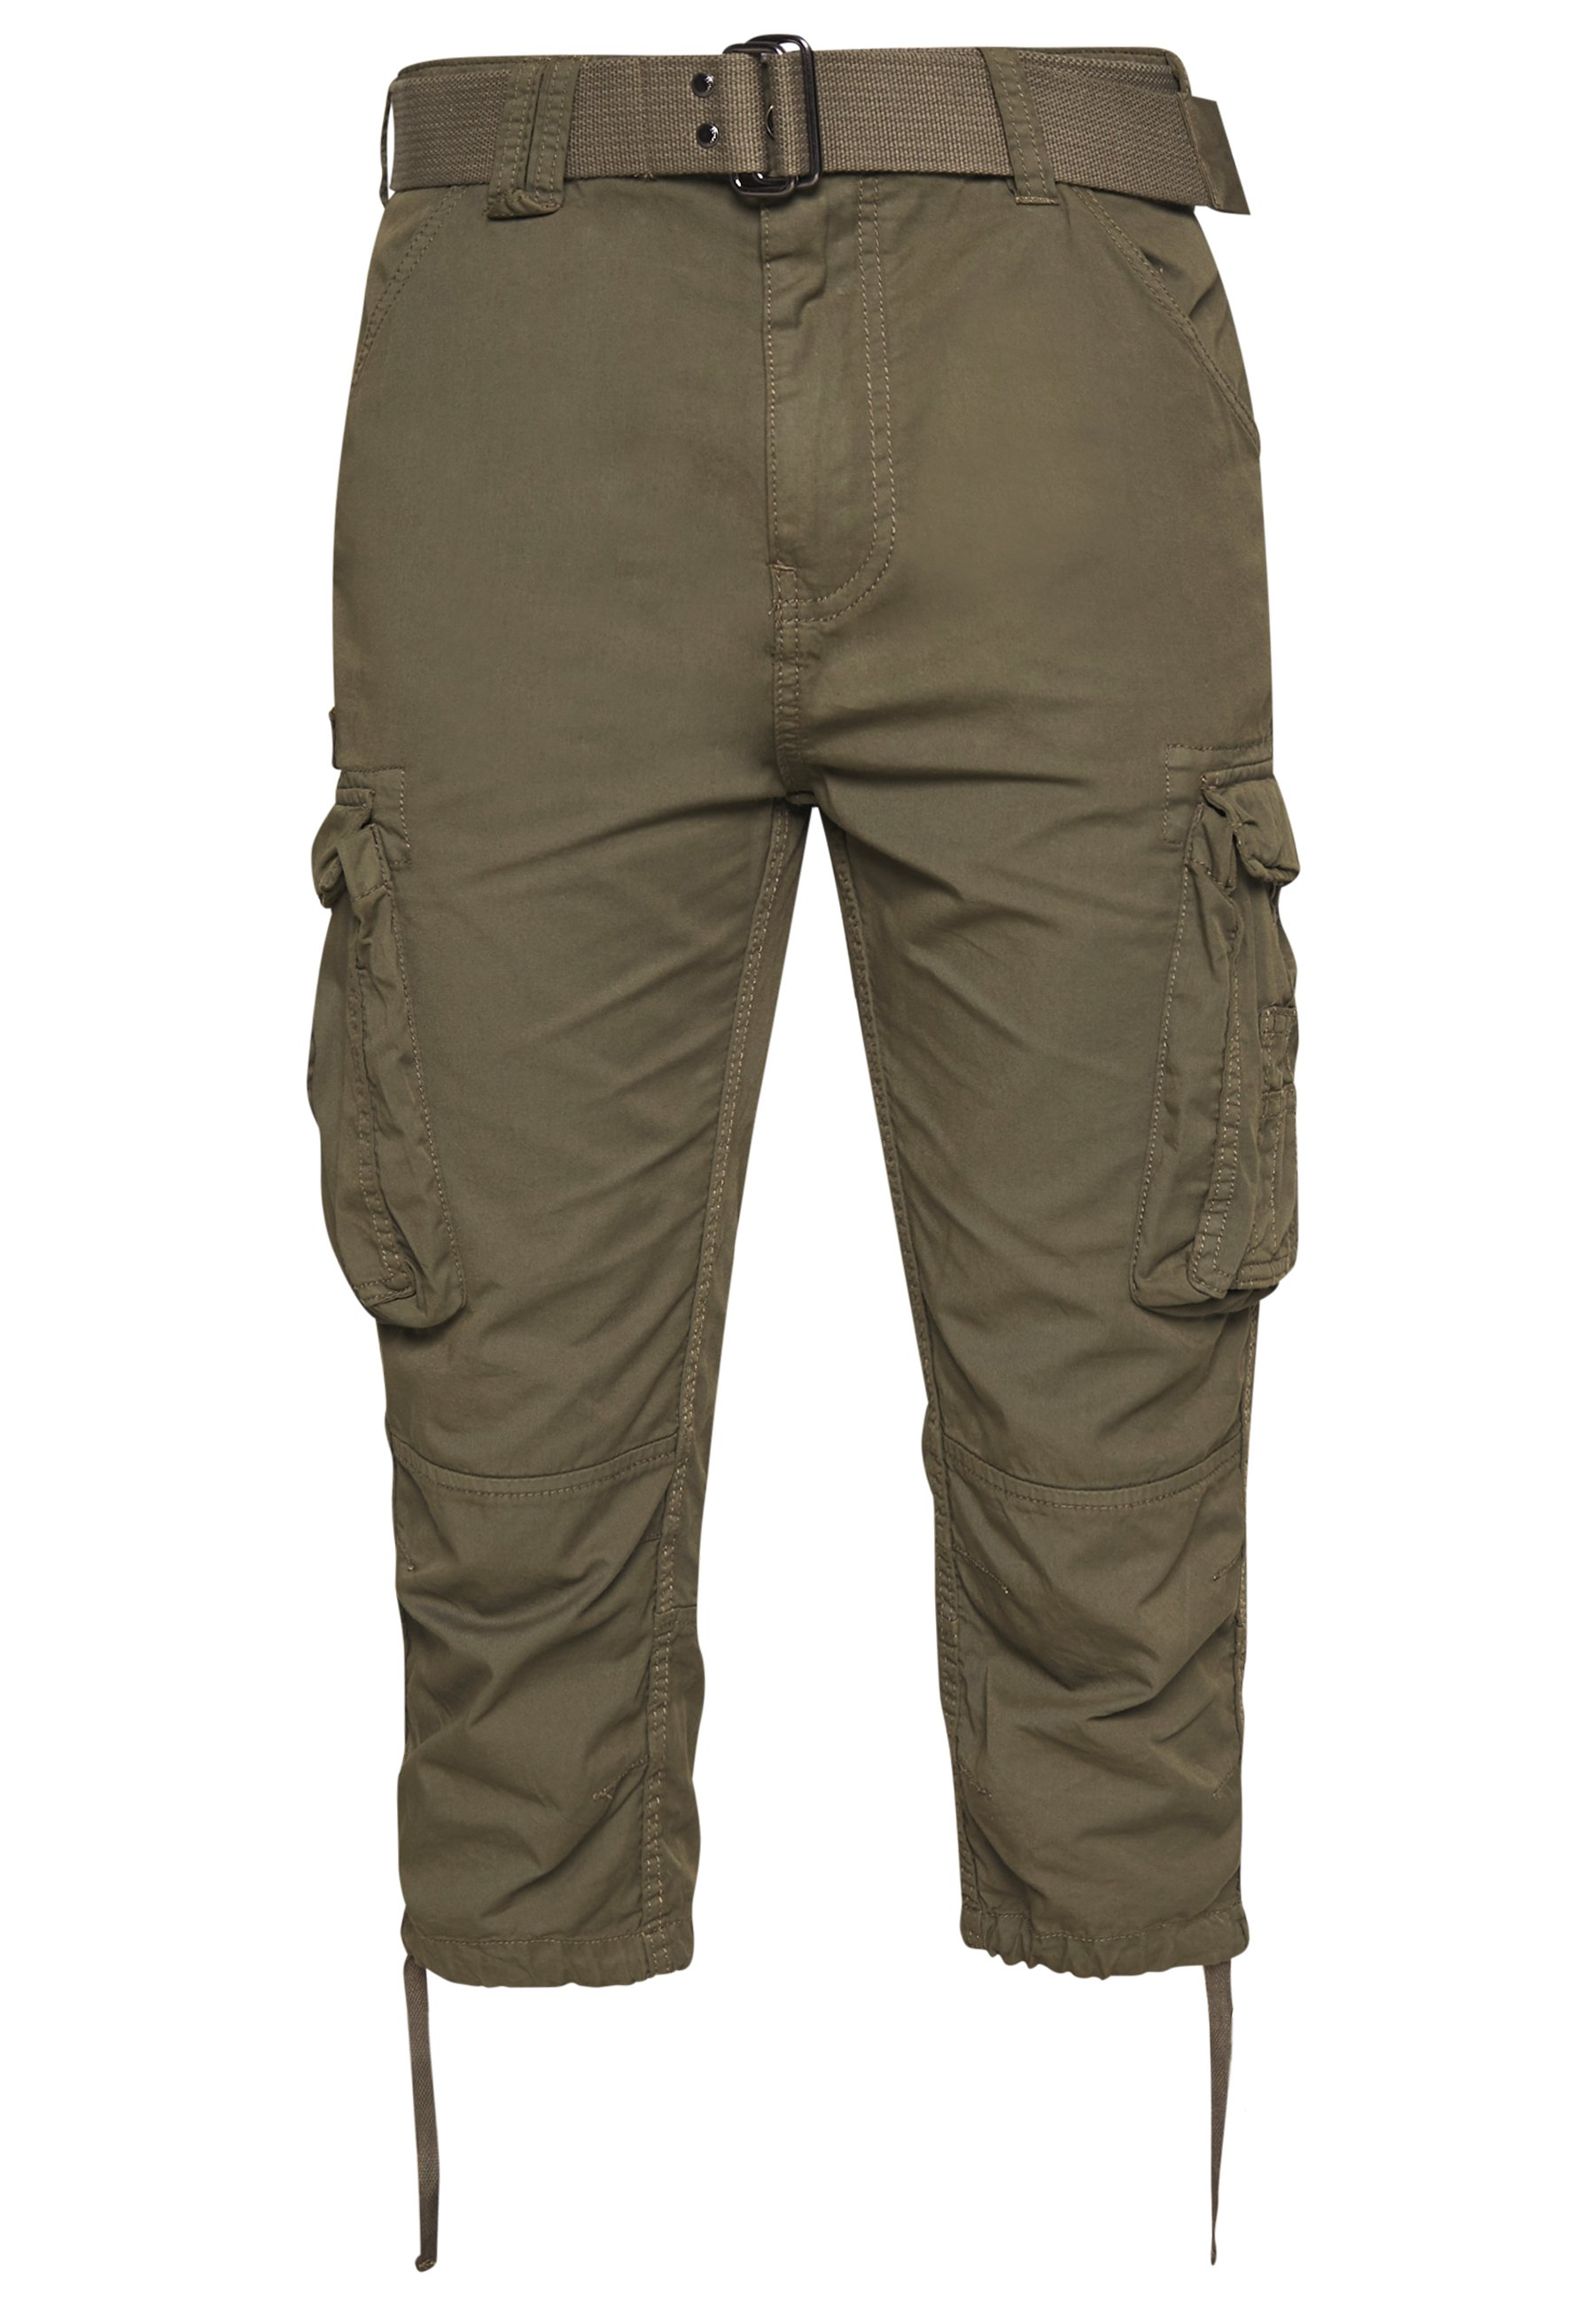 Schott Trranger - Shorts Khaki